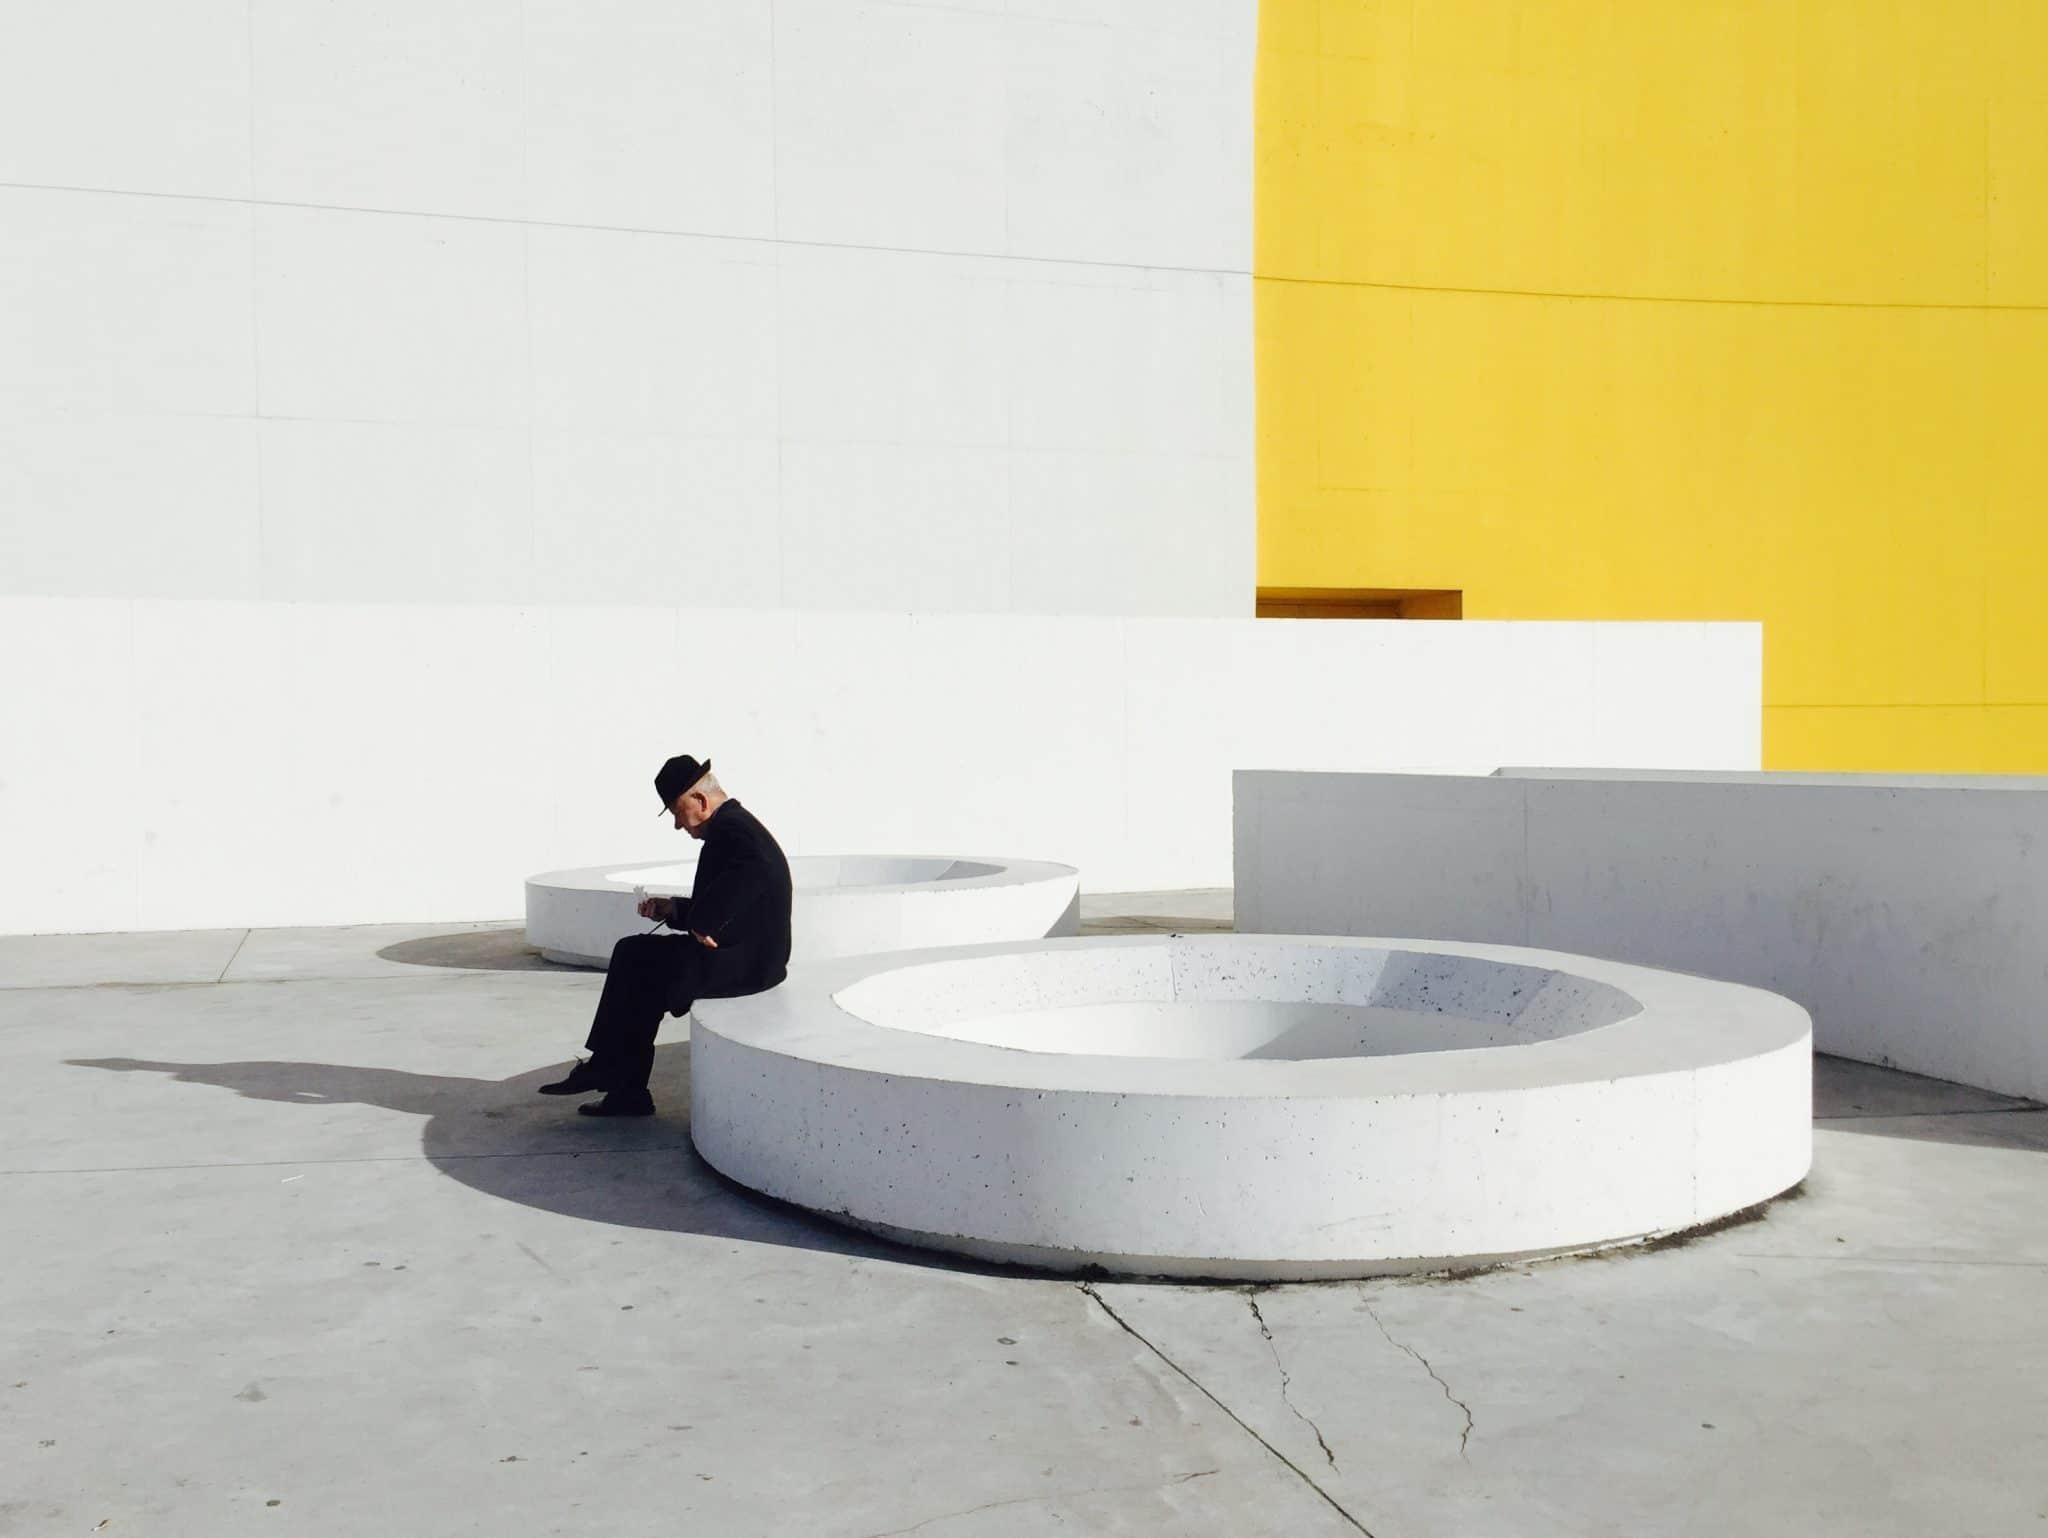 Concurso de Fotografía Minimalista de Fomunity